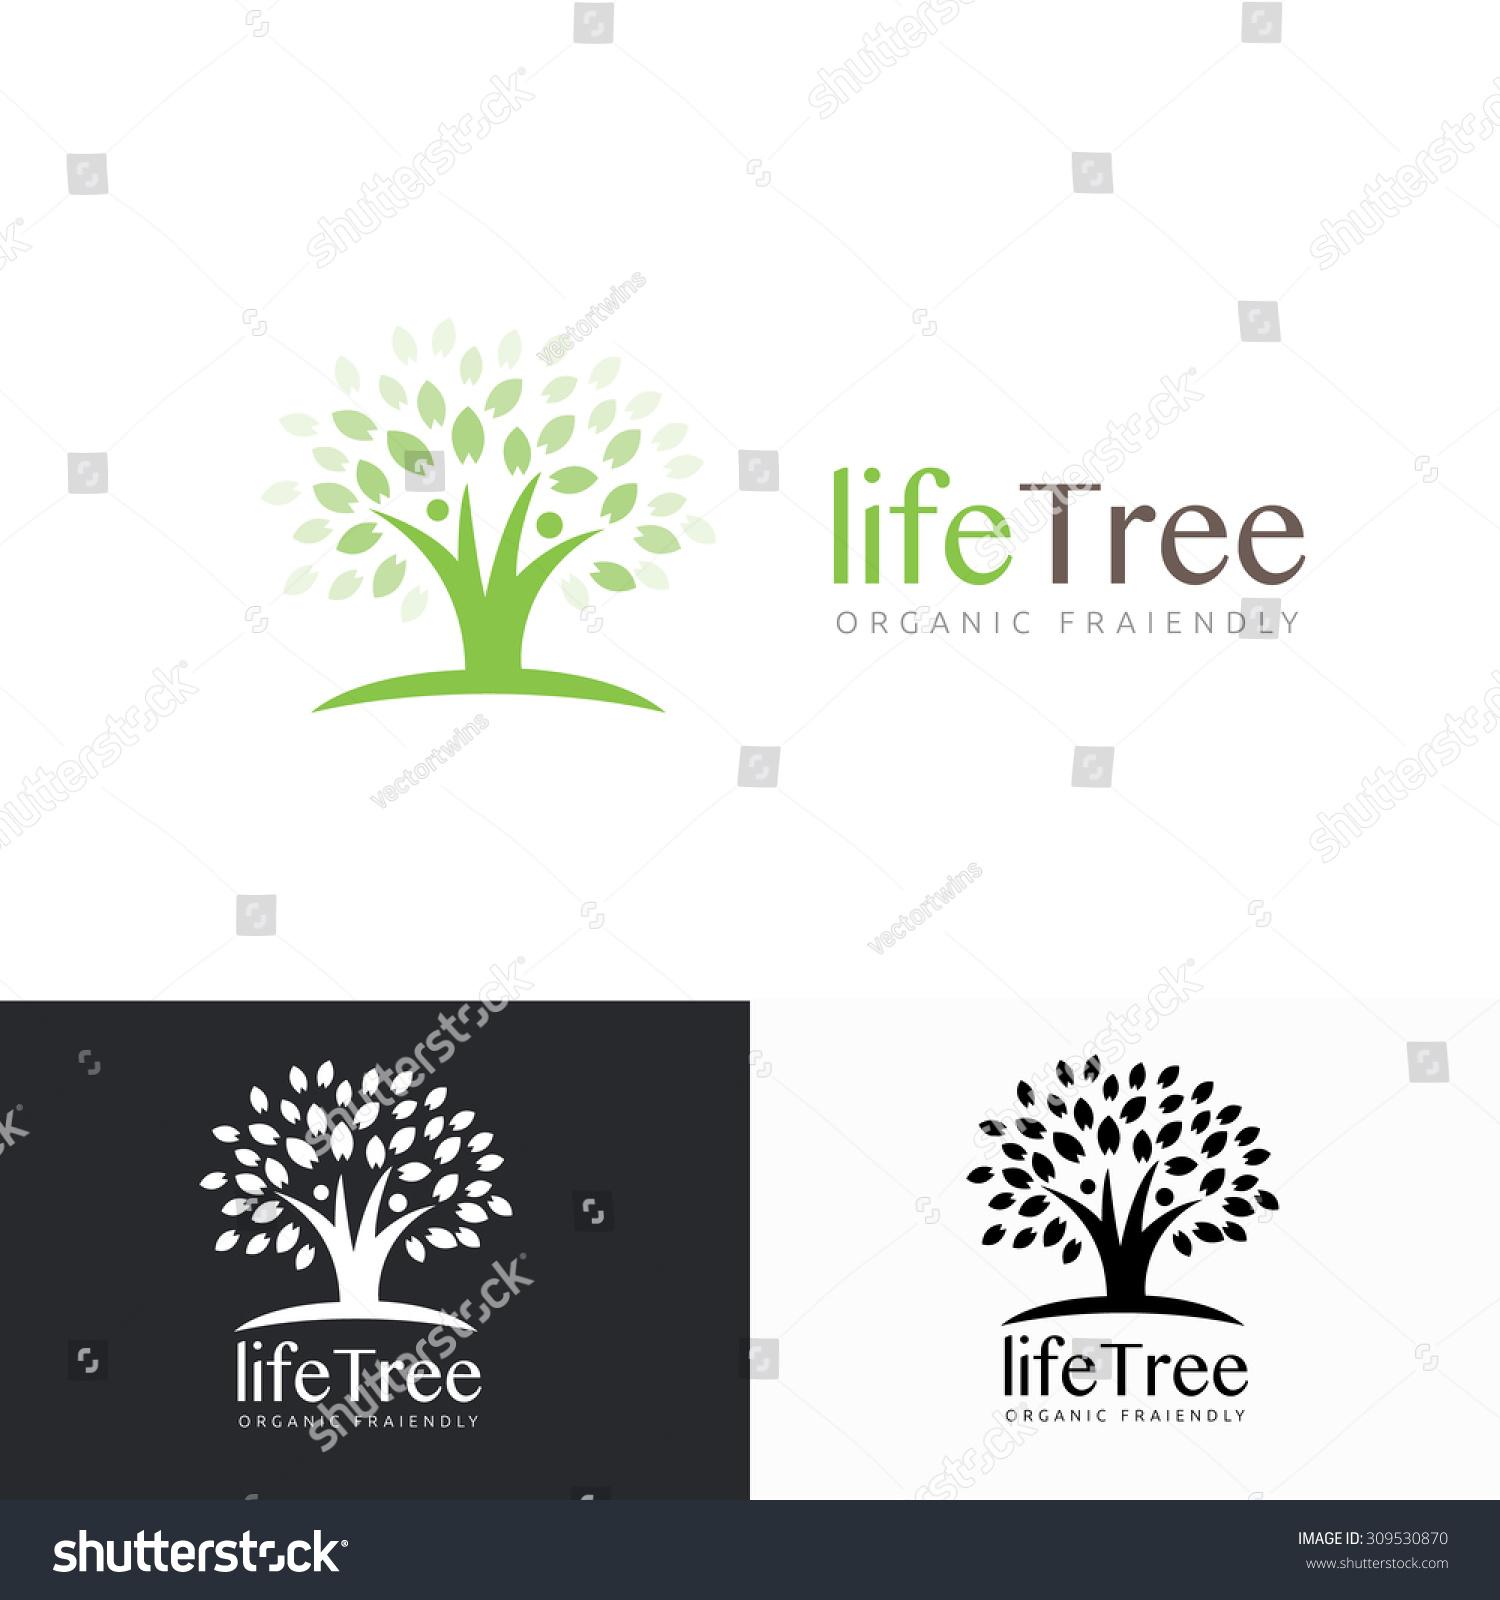 Life Tree Logotree Logopeople Tree Logopeople Stock Vector ...